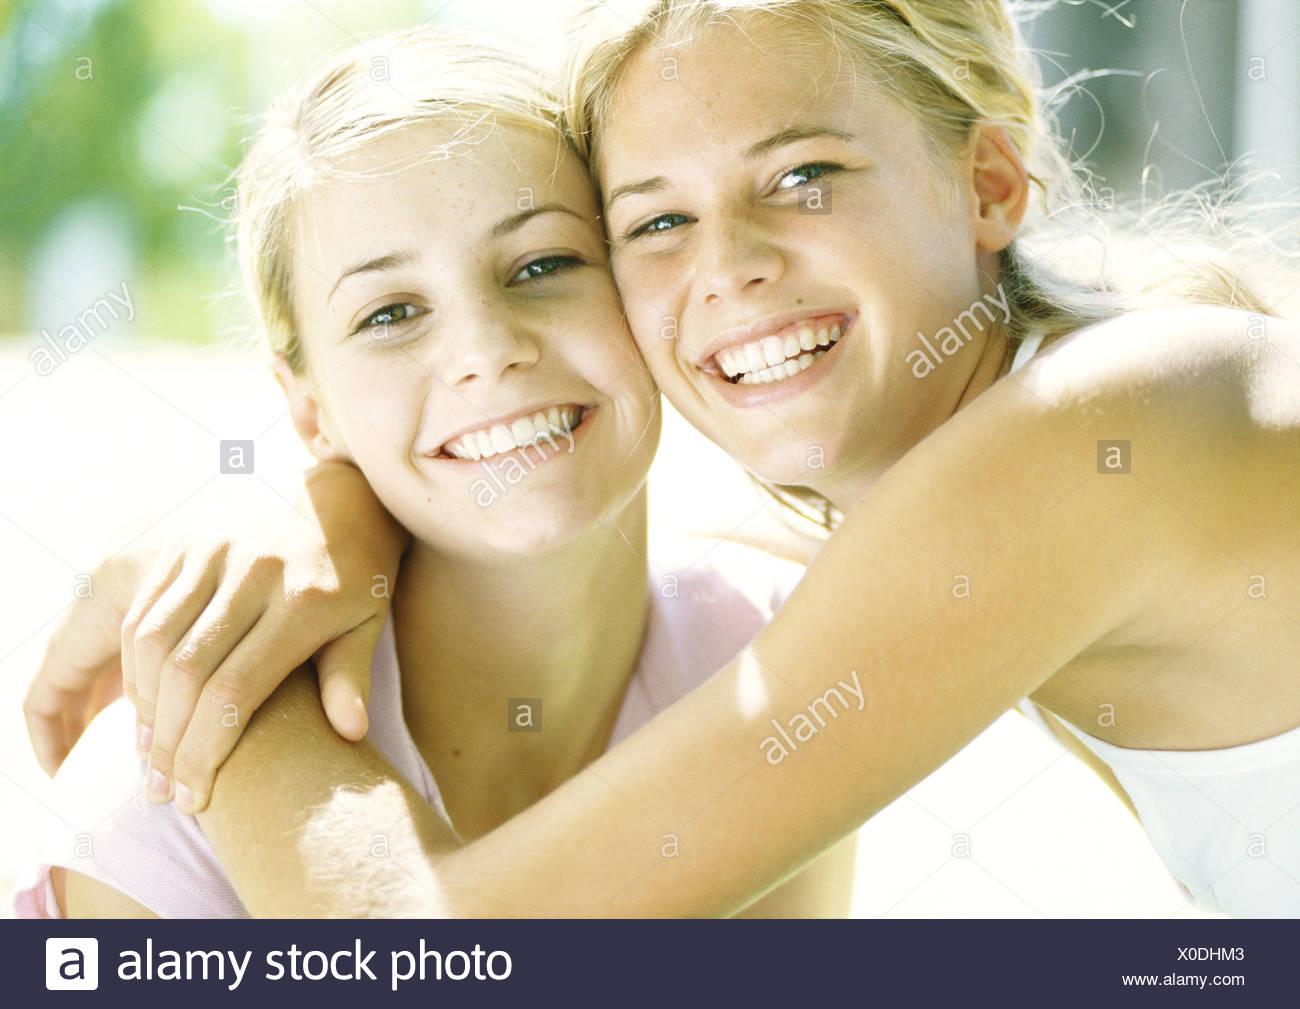 ragazze adolescenti che giocano nuda reale dritto ragazzi avere gay sesso